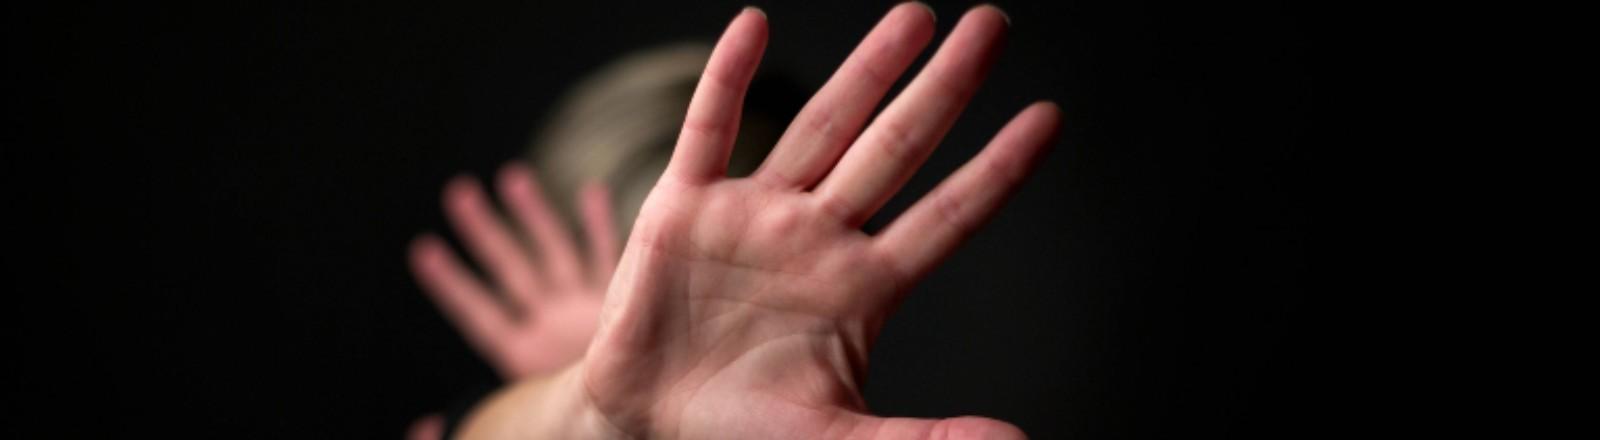 Eine Frau hält sich die Hände vors Gesicht, um sich zu schützen